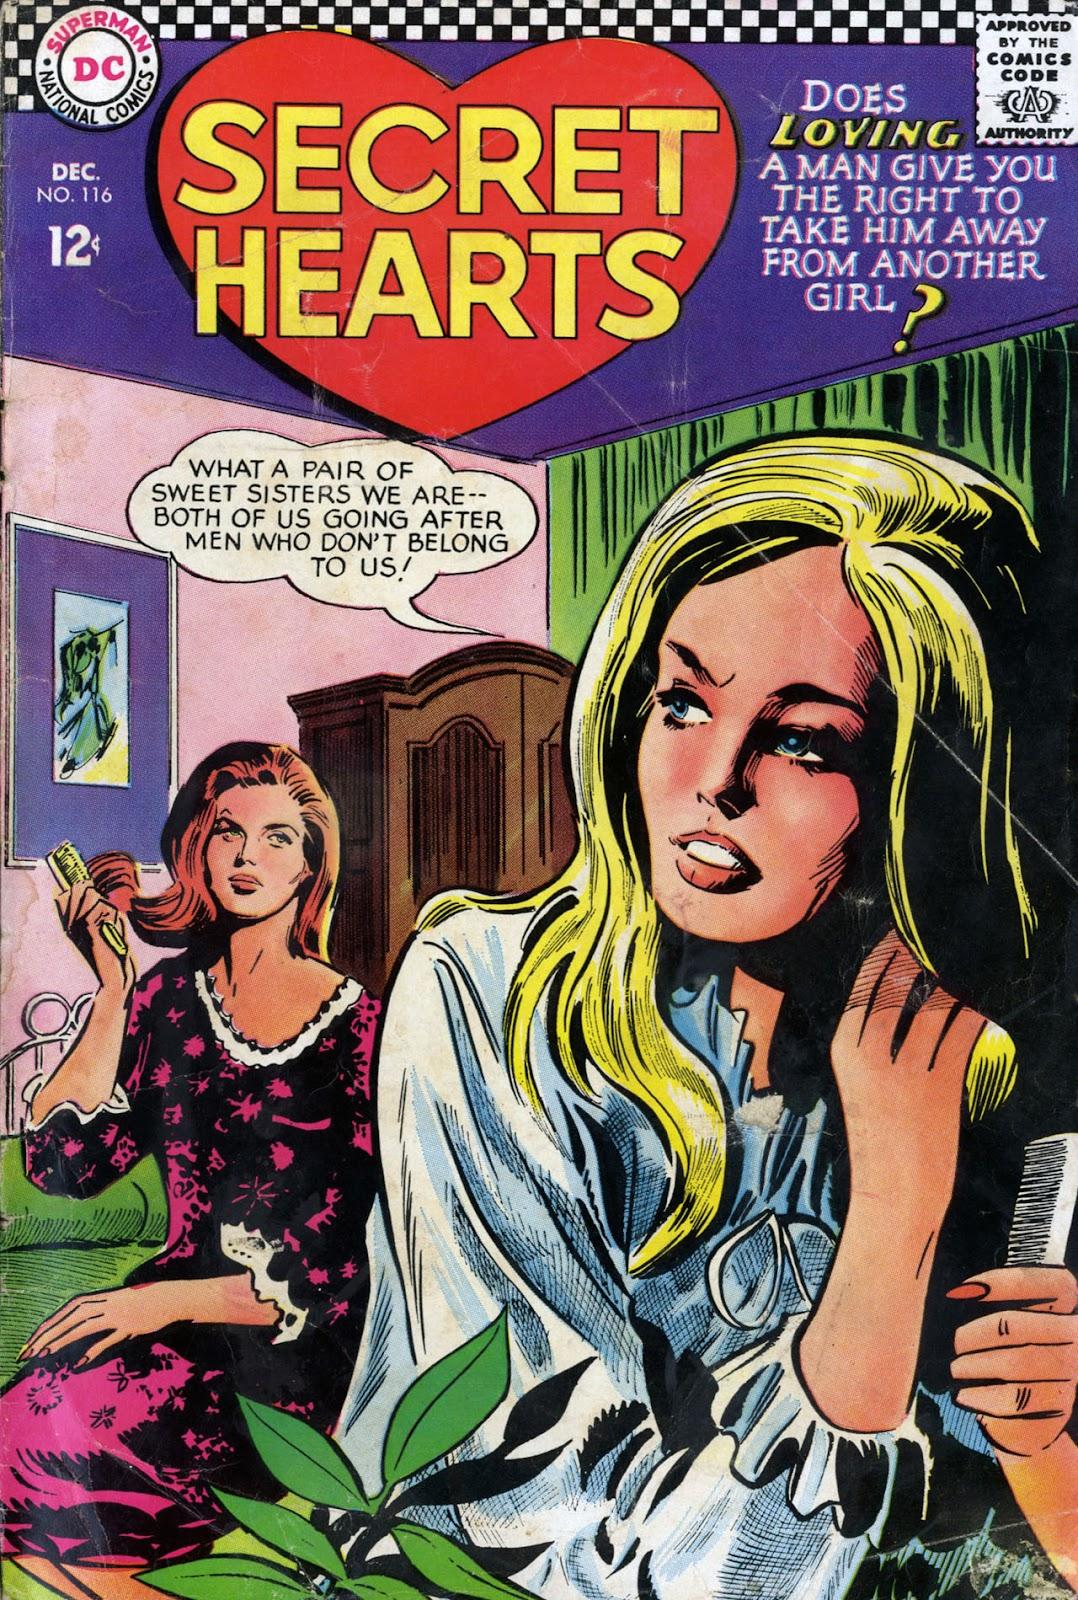 Secret Hearts 116 Page 1